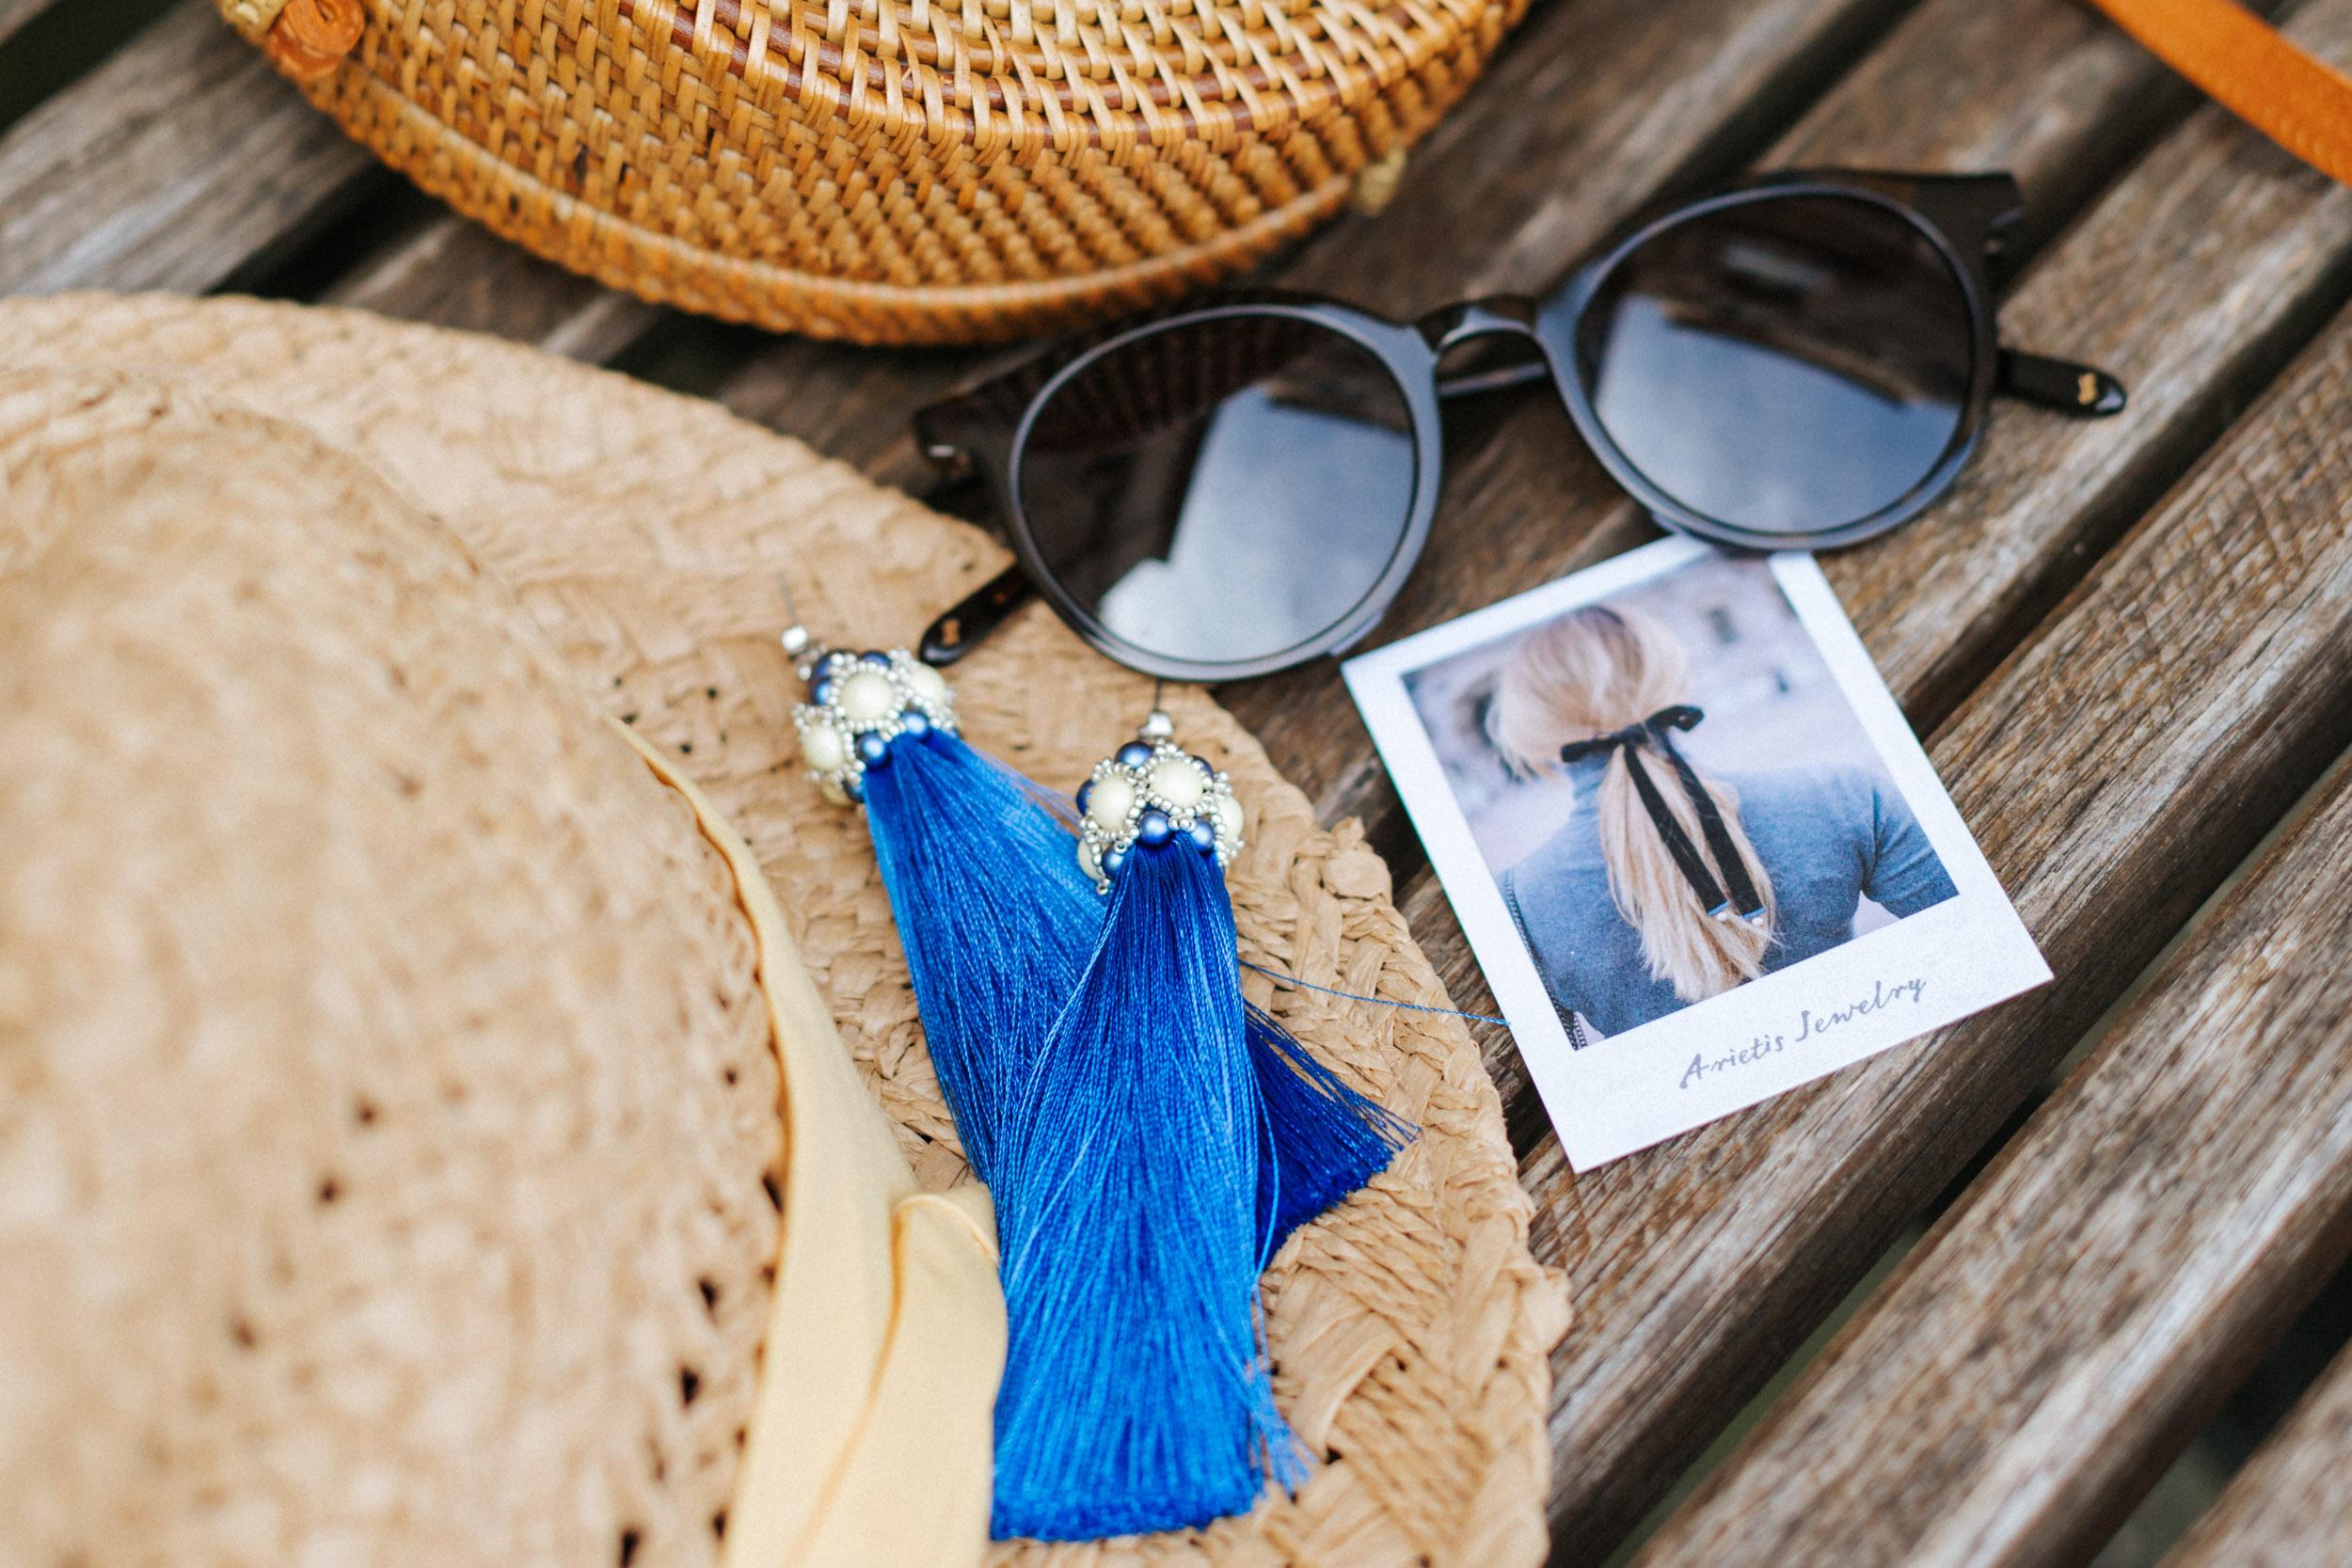 IheartParisfr Paris Photographer Federico Guendel artisan guide Arietis Jewelry Elena-28.jpg